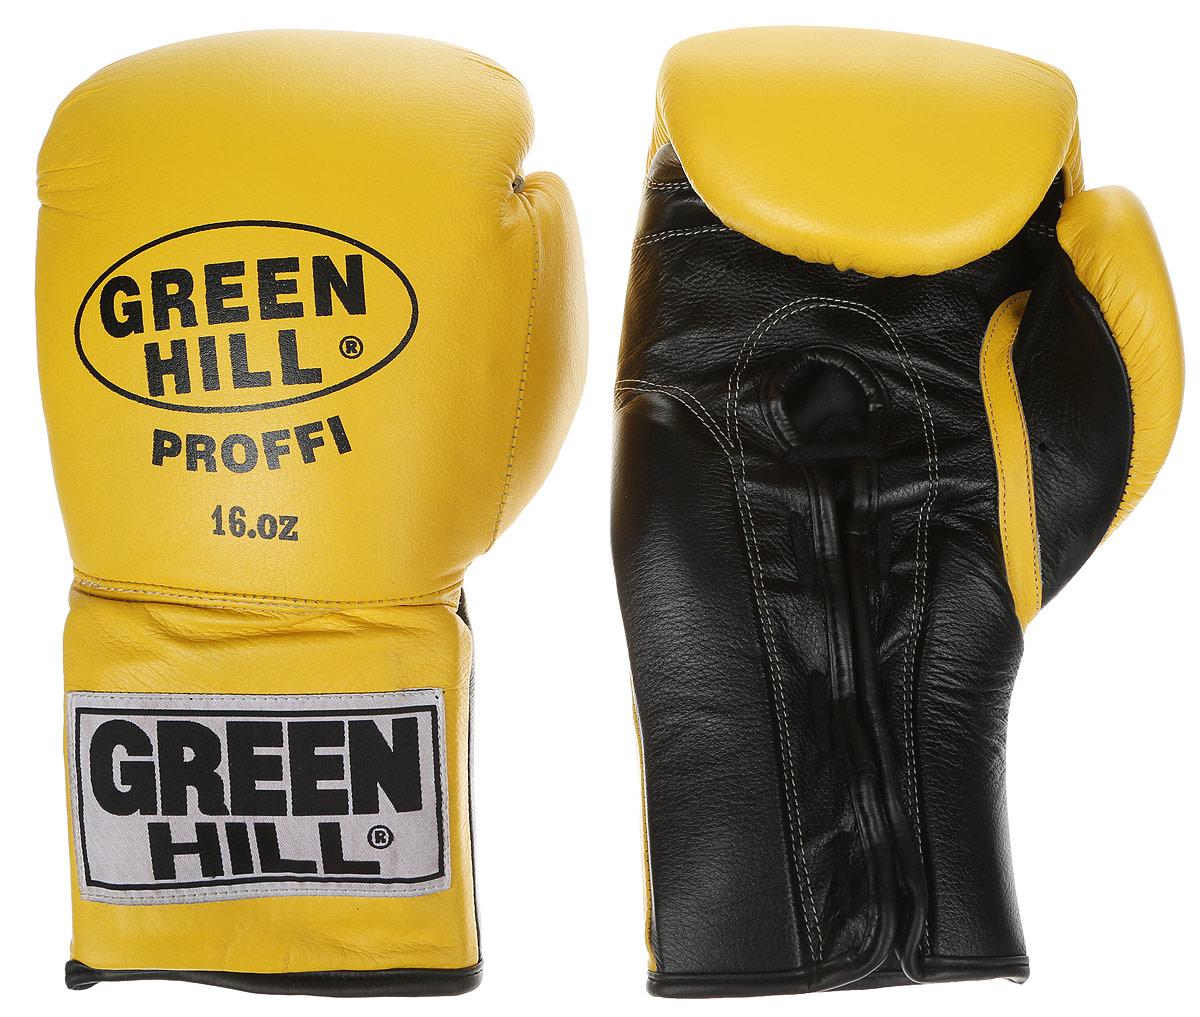 Перчатки боксерские Green Hill Proffi, цвет: желтый, черный. Вес 16 унций. BGP-2014BGP-2014Боксерские перчатки Green Hill Proffi предназначены для использования профессионалами. Верх выполнен из натуральной кожи, наполнитель - из вспененного полимера. Отверстие в области ладони позволяет создать максимально комфортный терморежим во время занятий. Манжет на шнуровке способствует быстрому и удобному надеванию перчаток, плотно фиксирует перчатки на руке.